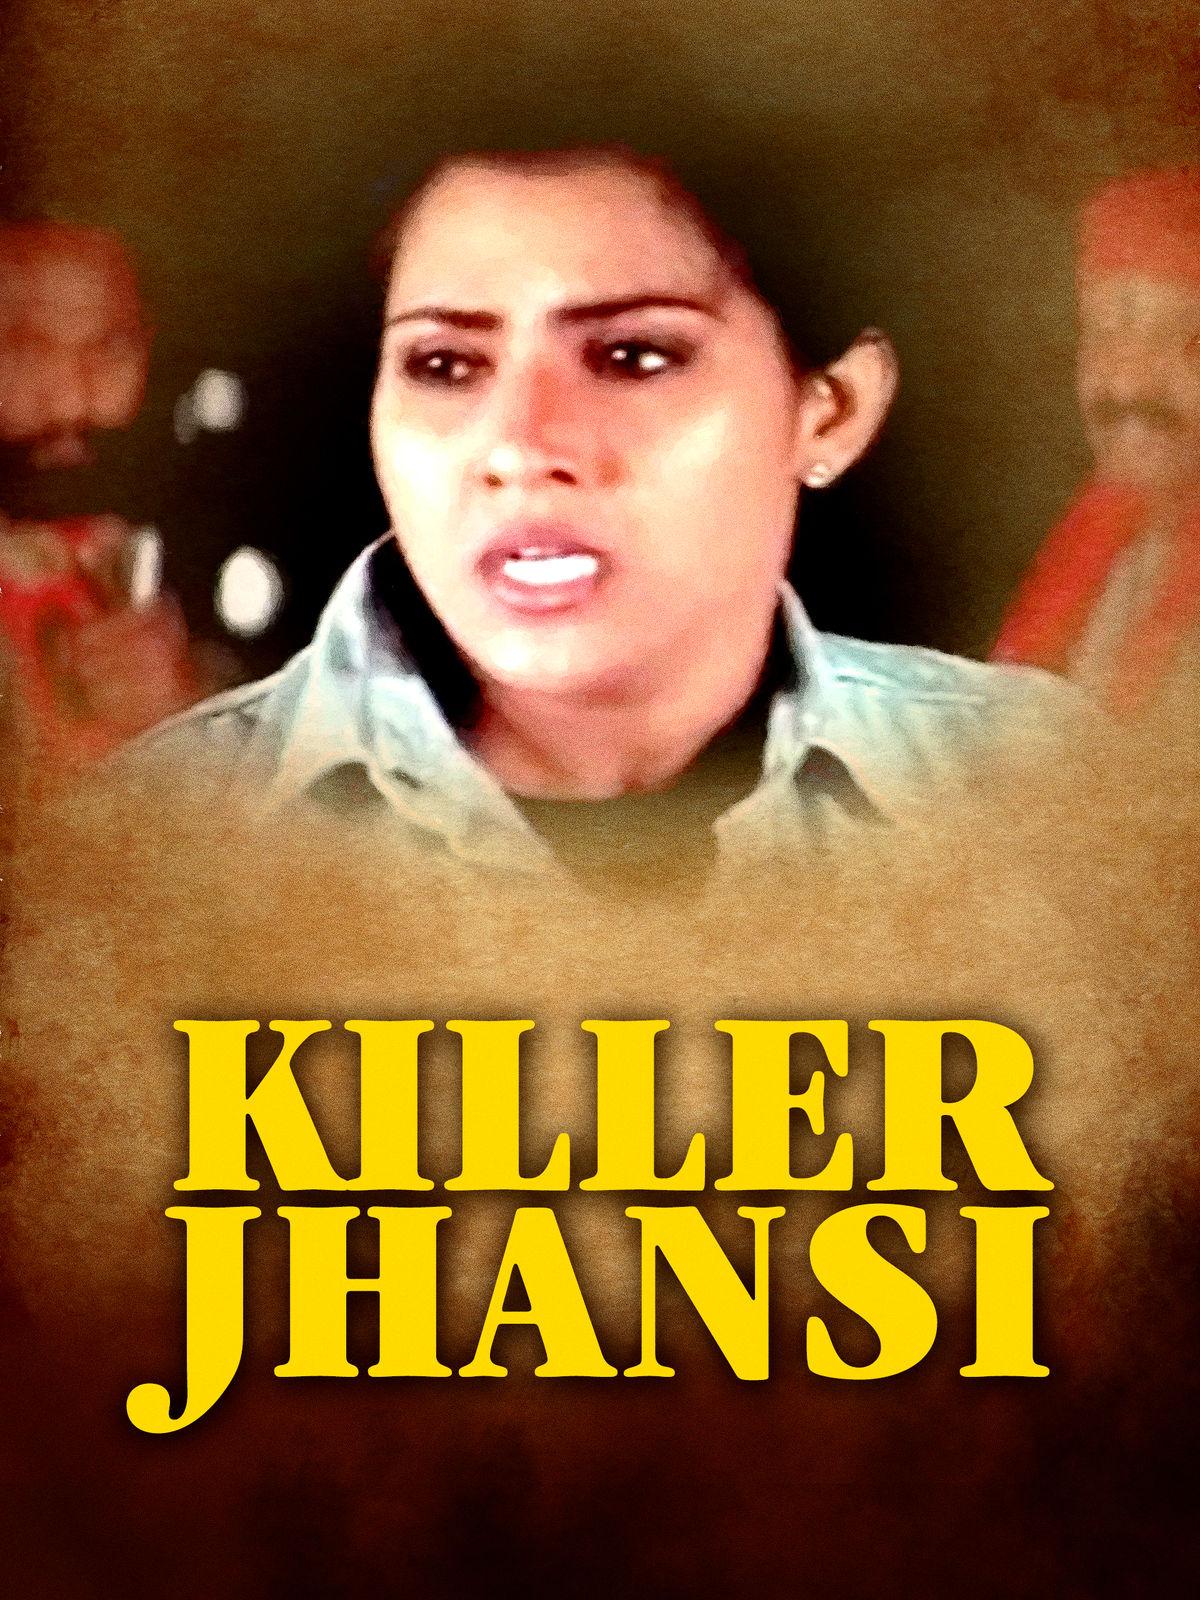 Killar Jhansi